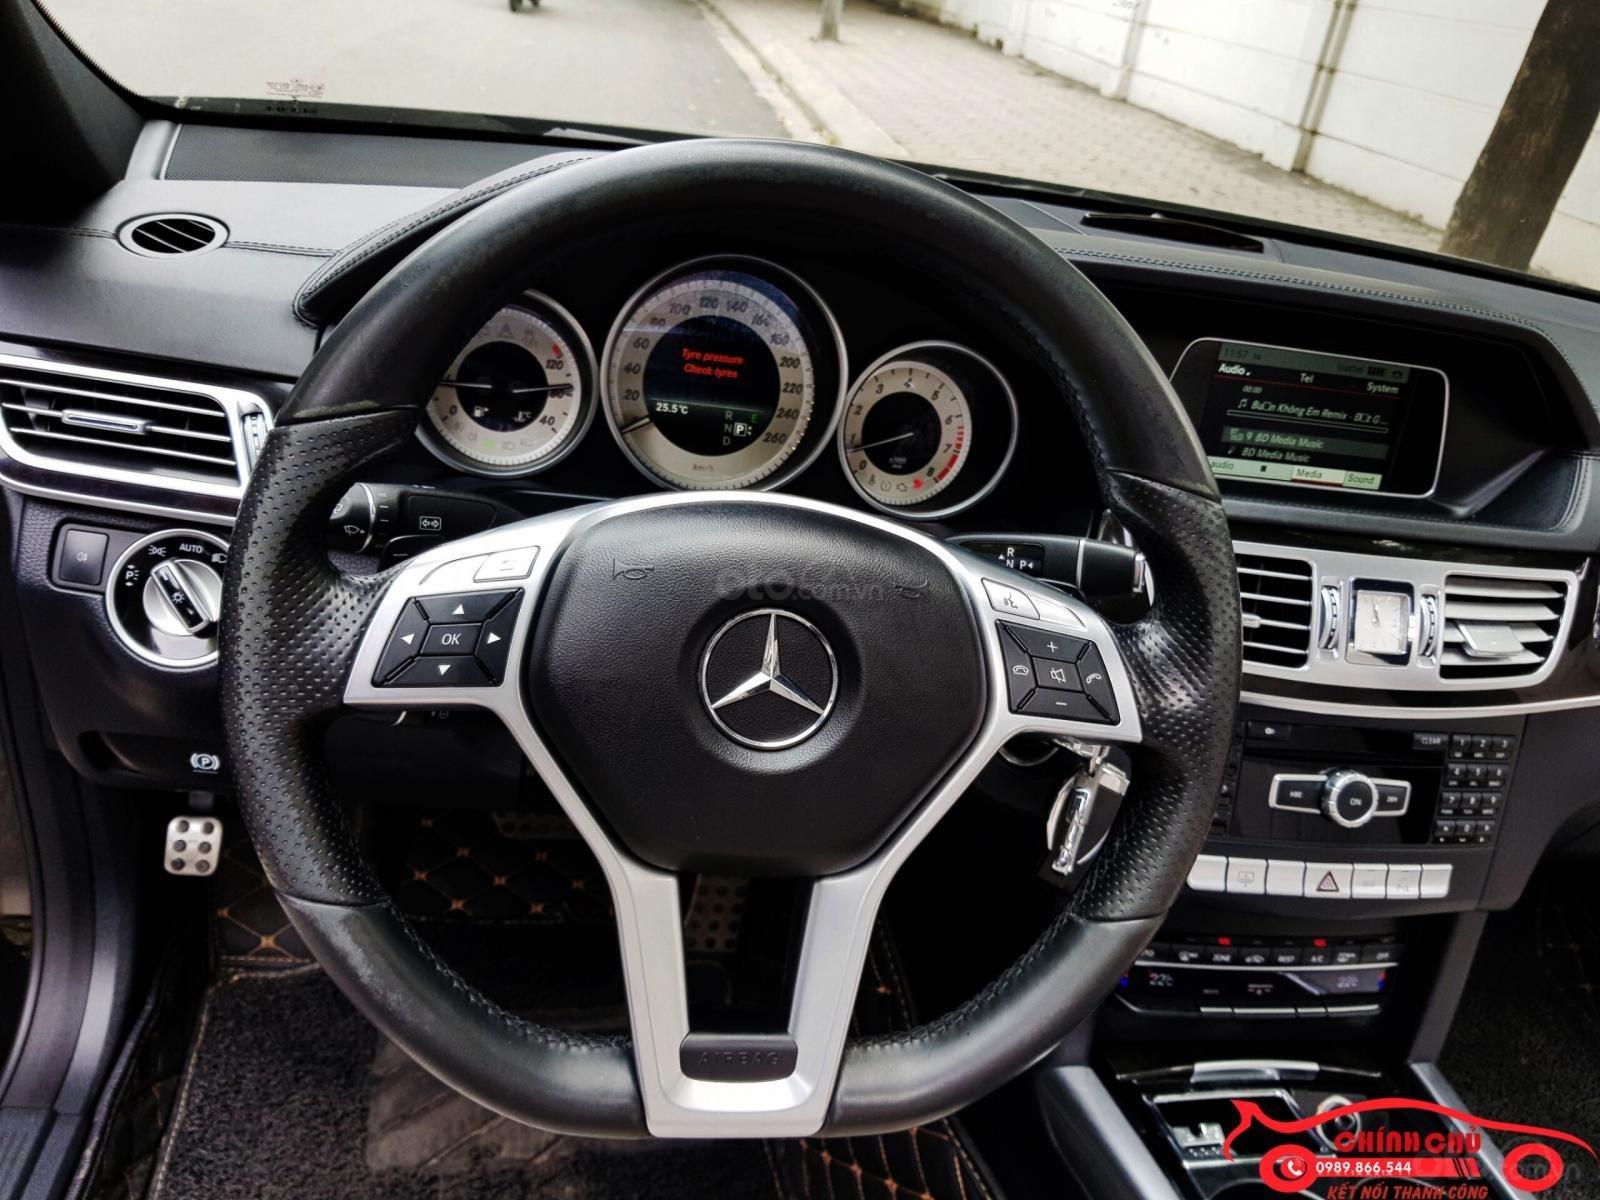 Bán Mercedes E250 AMG đời 2016, màu đen, nội thất kem cực mới, giá 1,4xx triệu (4)